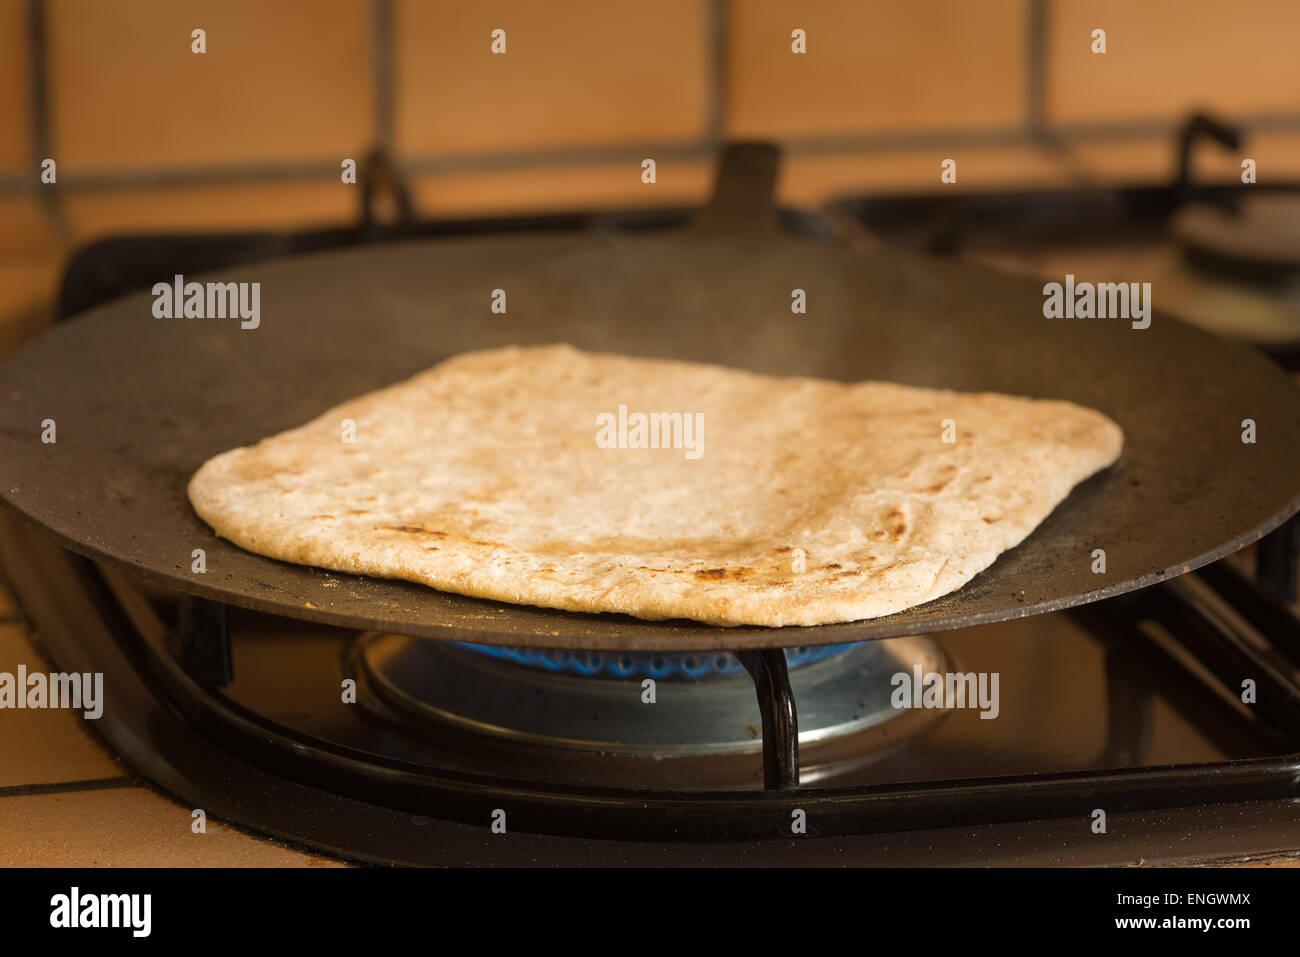 Große Pfanne Für Gasgrill : Roti prata kochen auf heißen bügeleisen bratpfanne pfanne grill